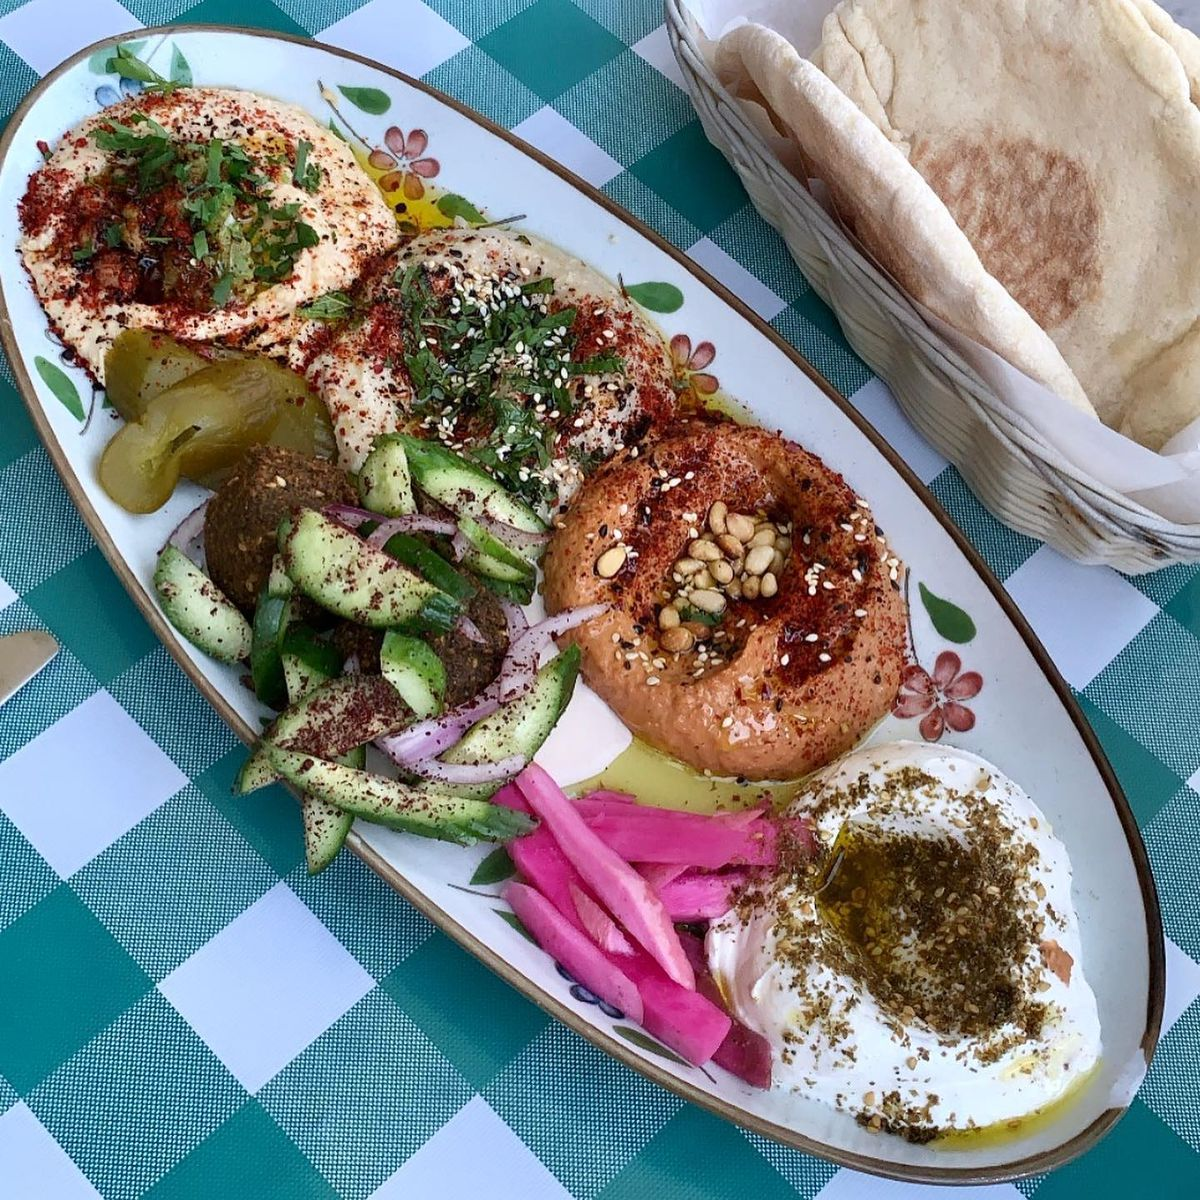 Mezze sampler at Beit Rima